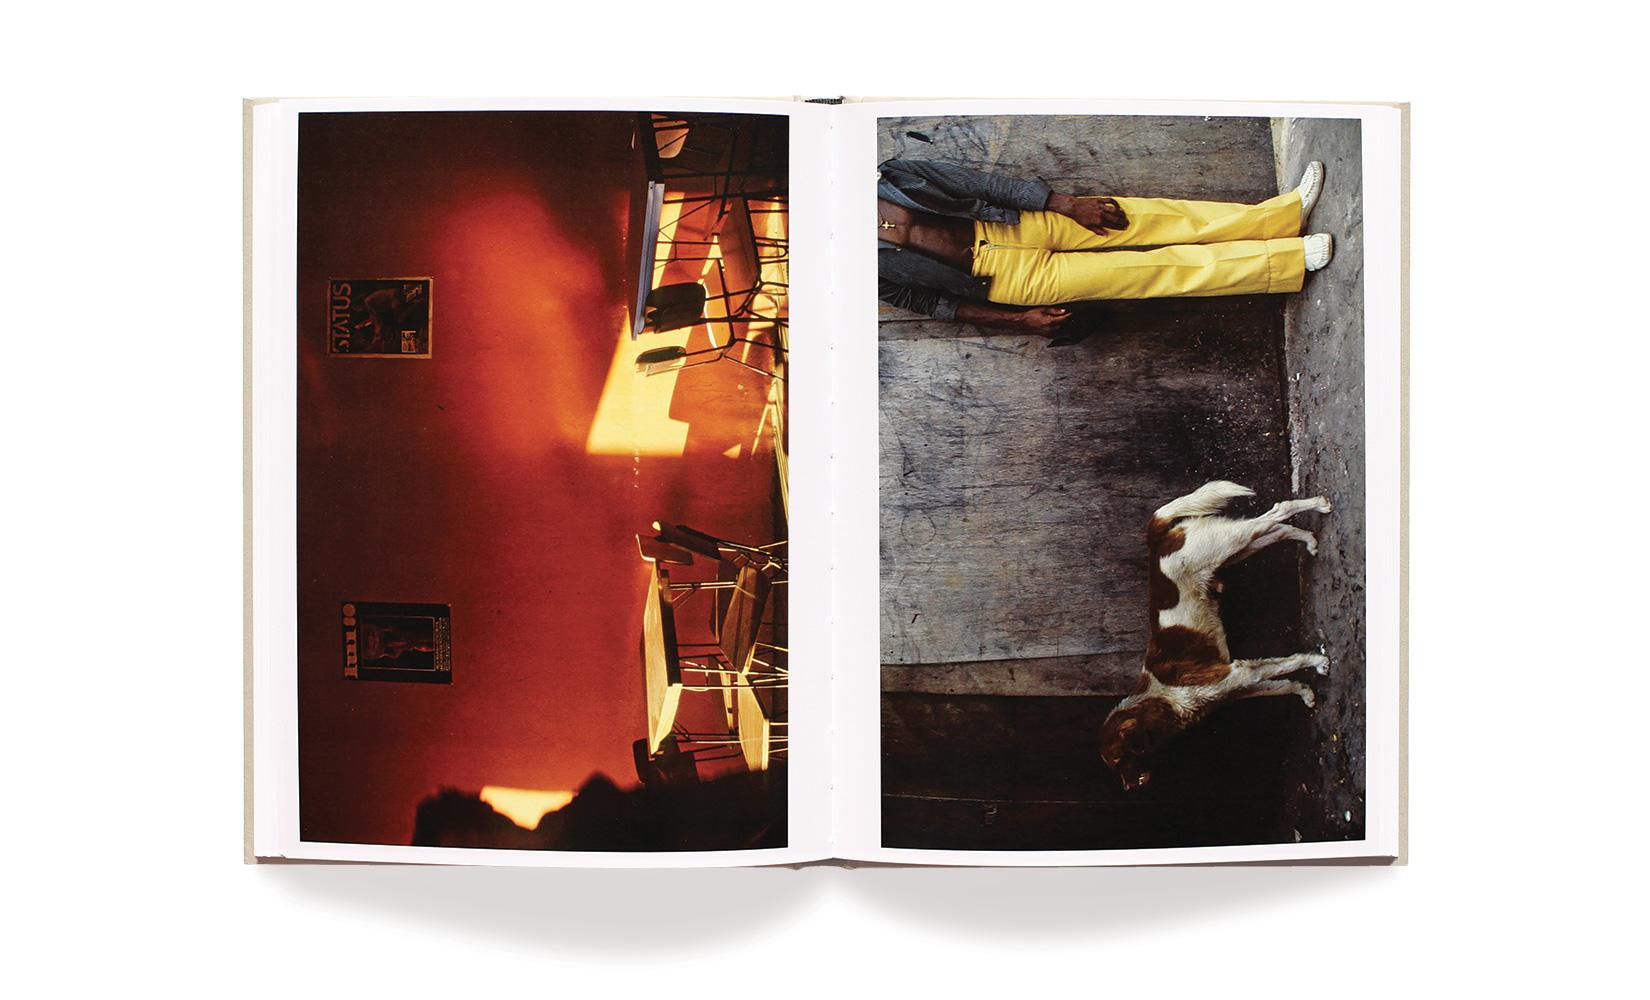 RIO-BRANCO-LE-BAL-OLIVIER-ANDREOTTI-TOLUCA-STUDIO-05.jpg